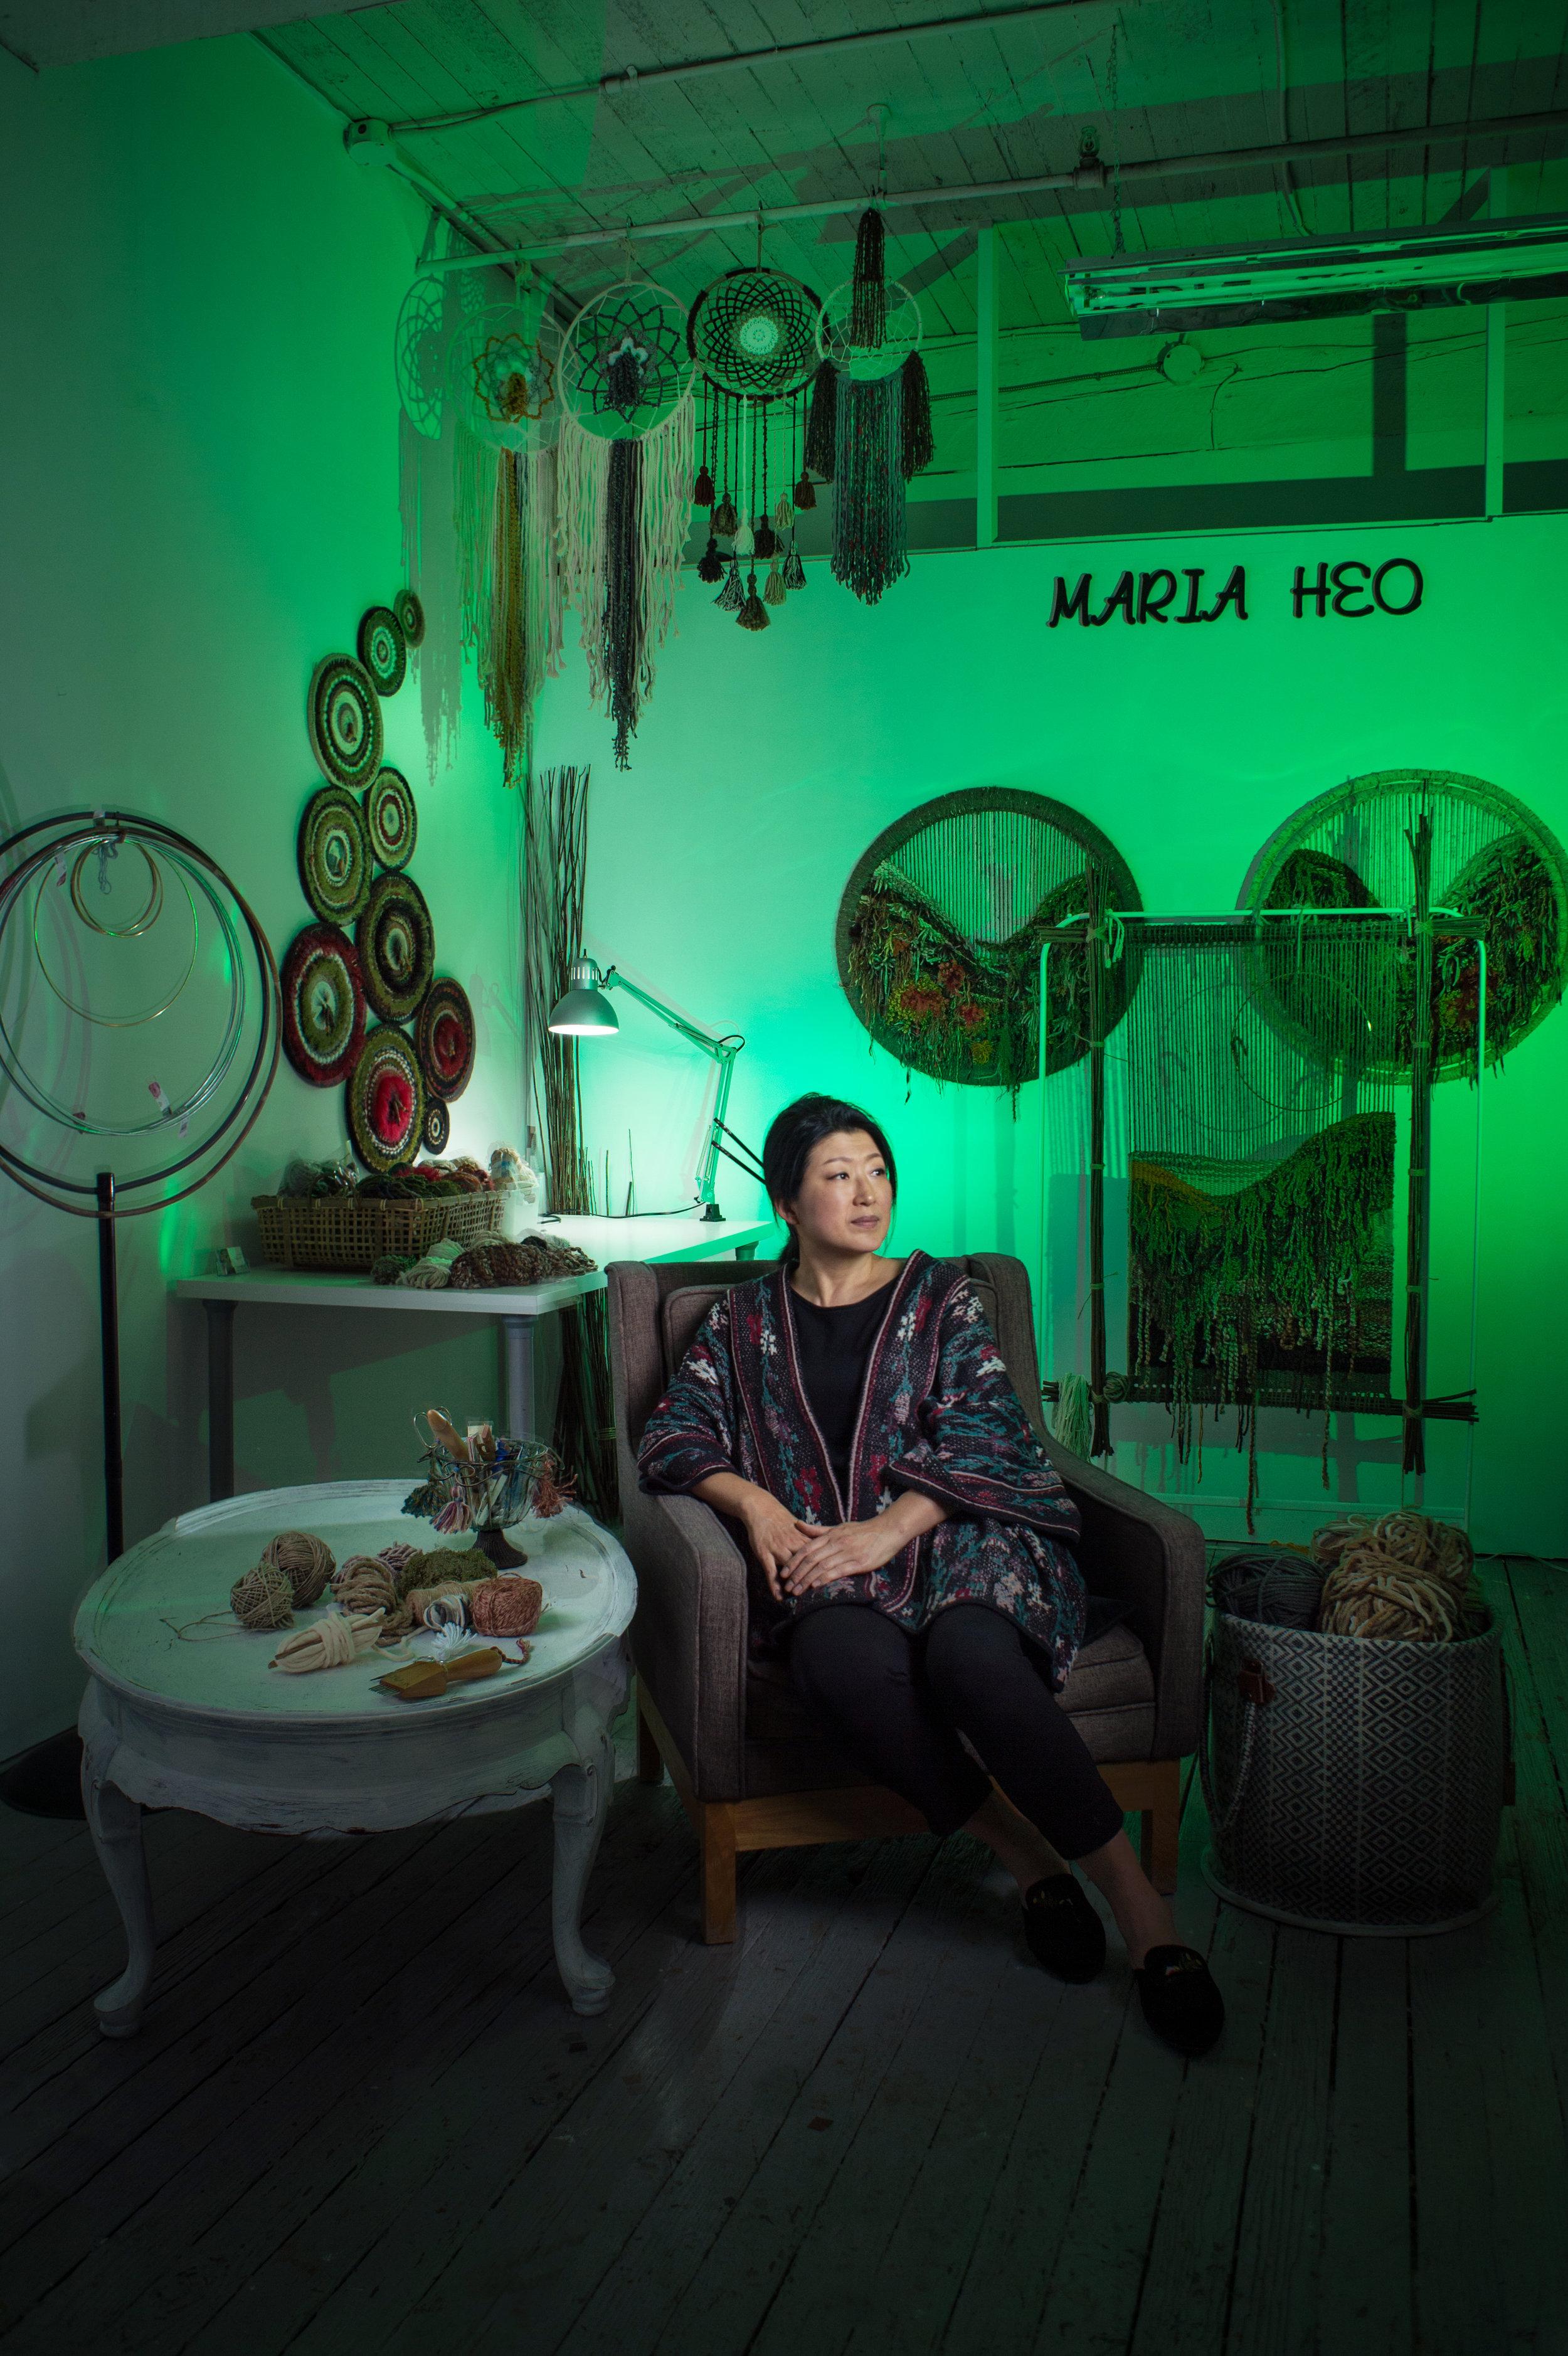 Maria Heo